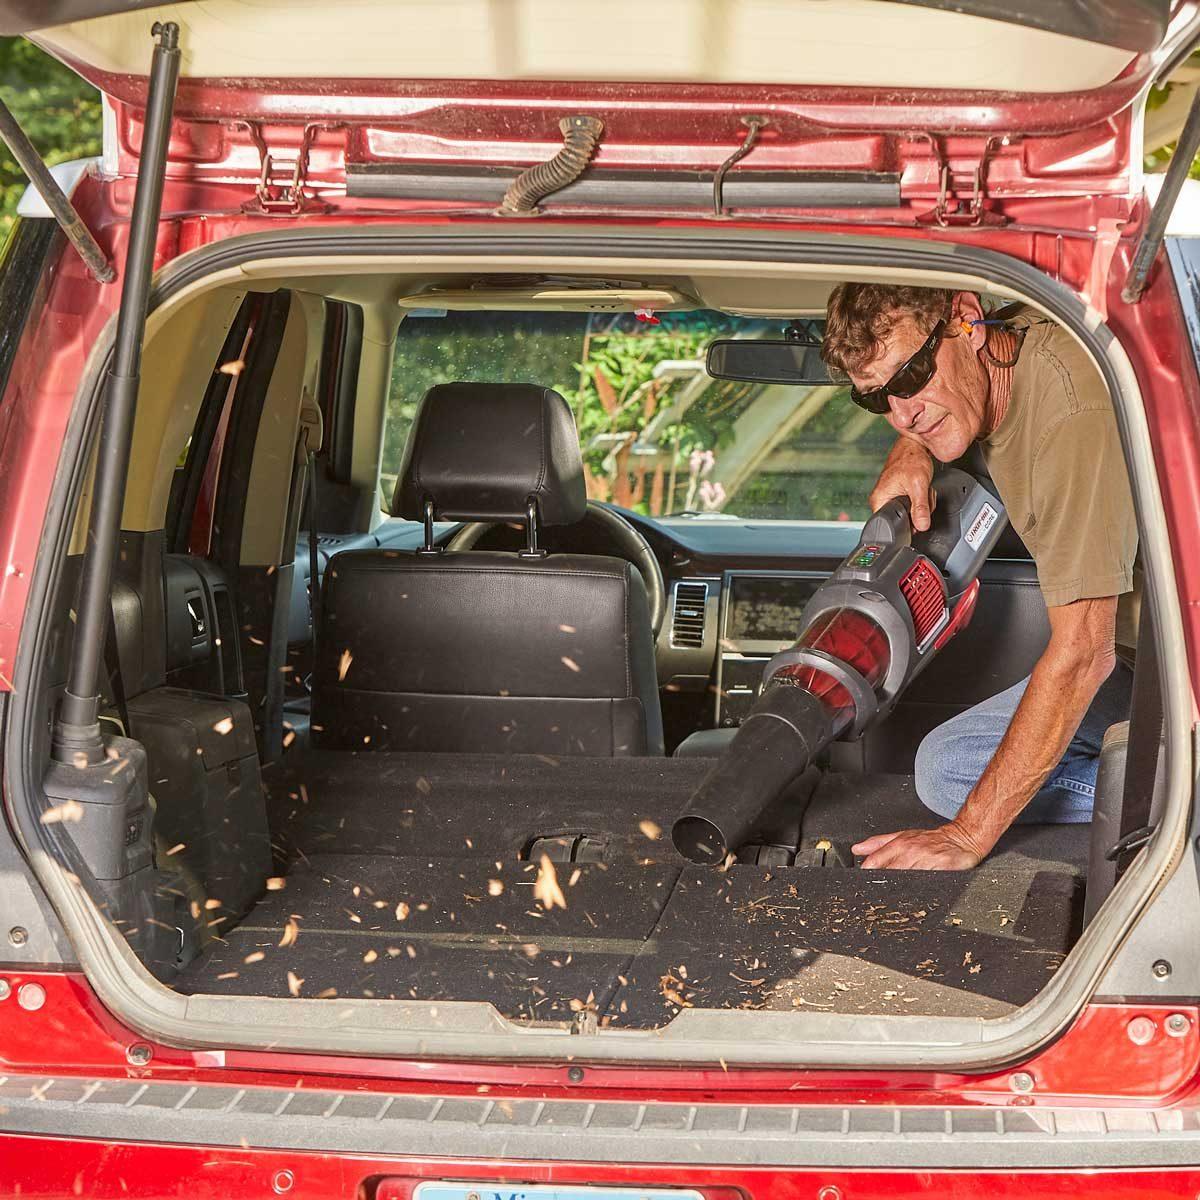 leaf blower clean out car dirt